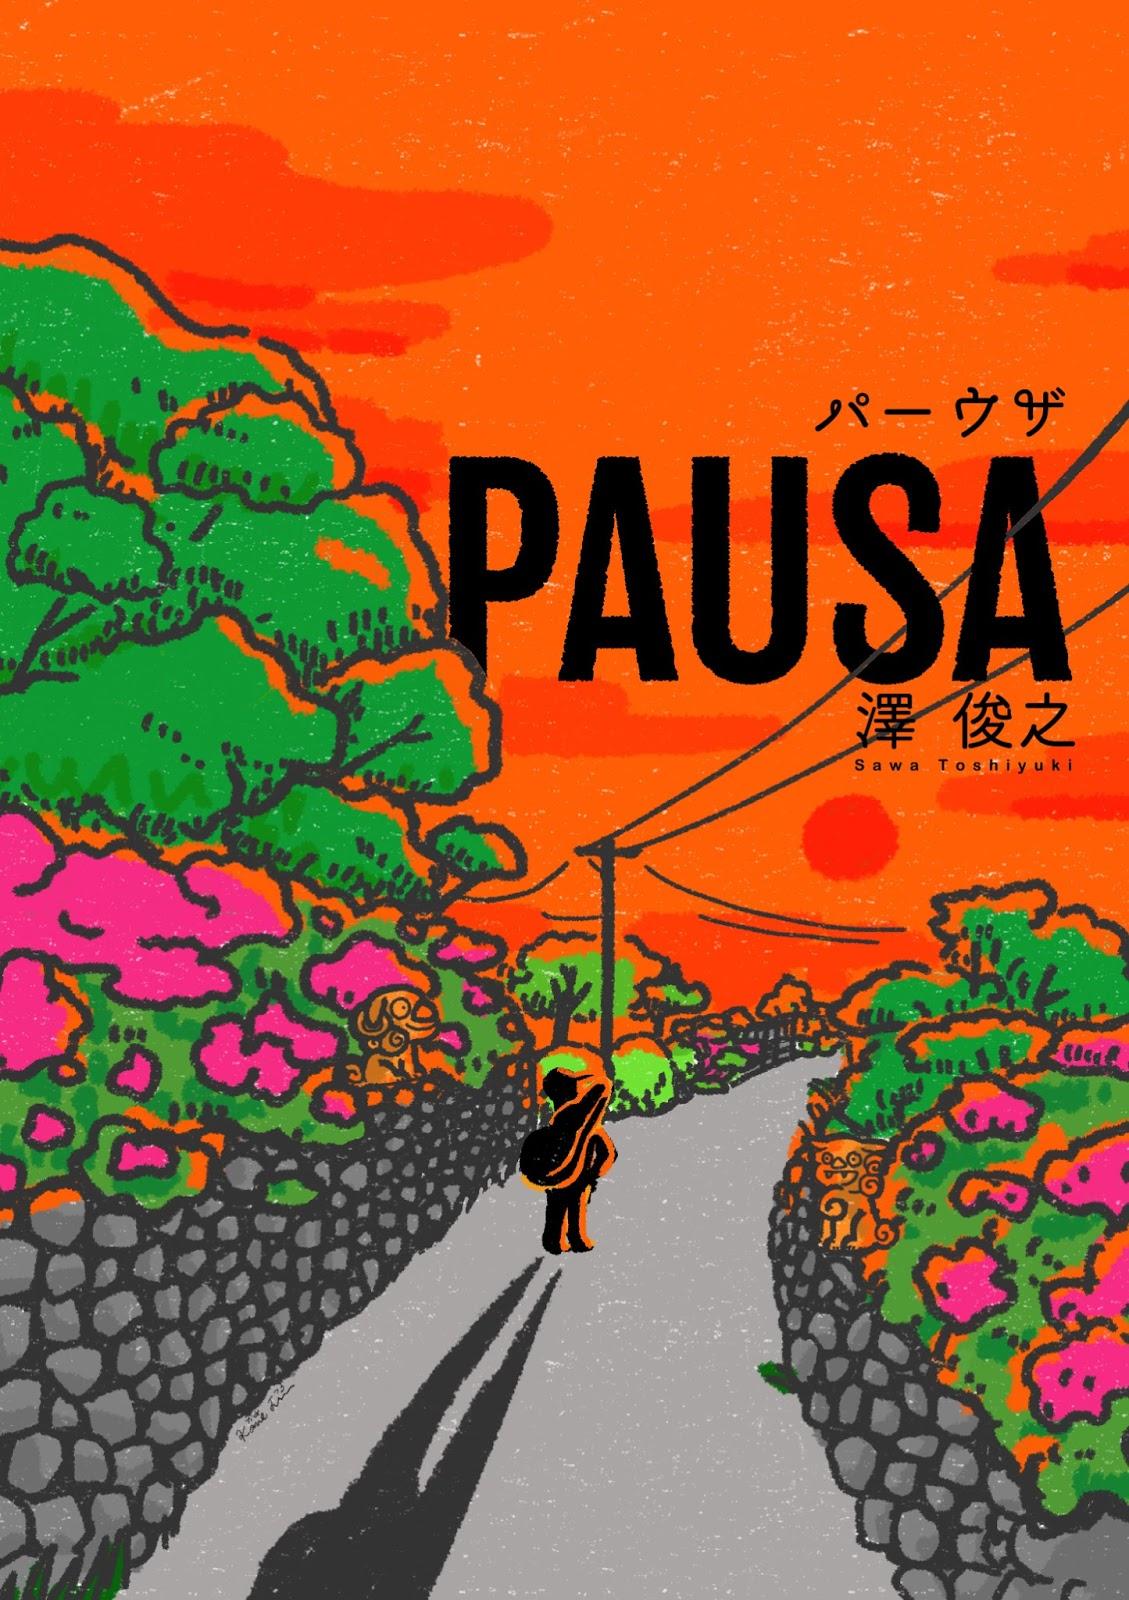 澤俊之『PAUSA(パーウザ)』